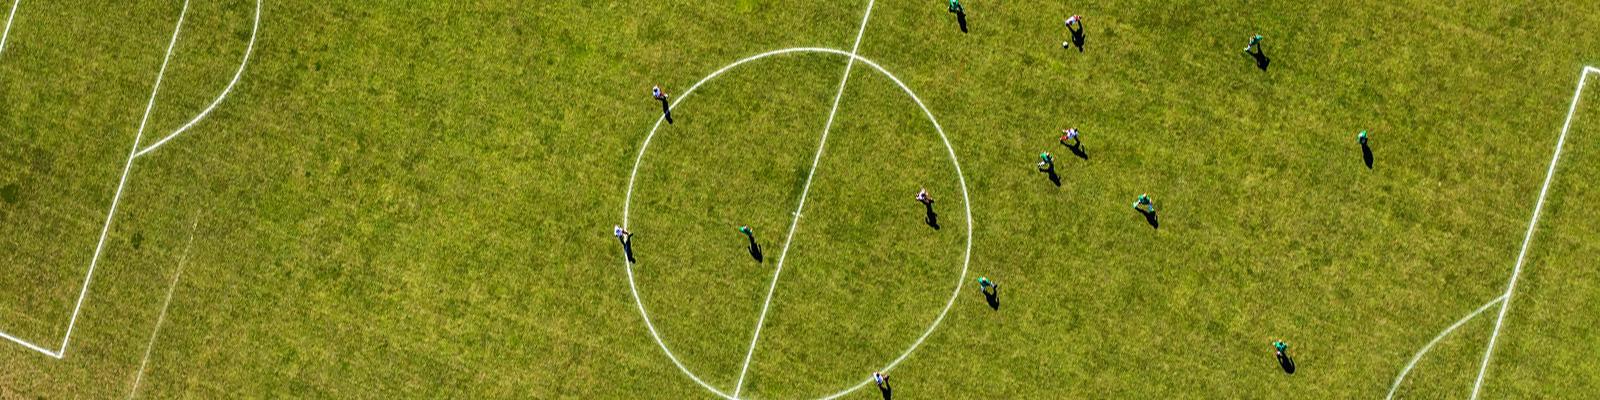 サッカー 俯瞰 イメージ